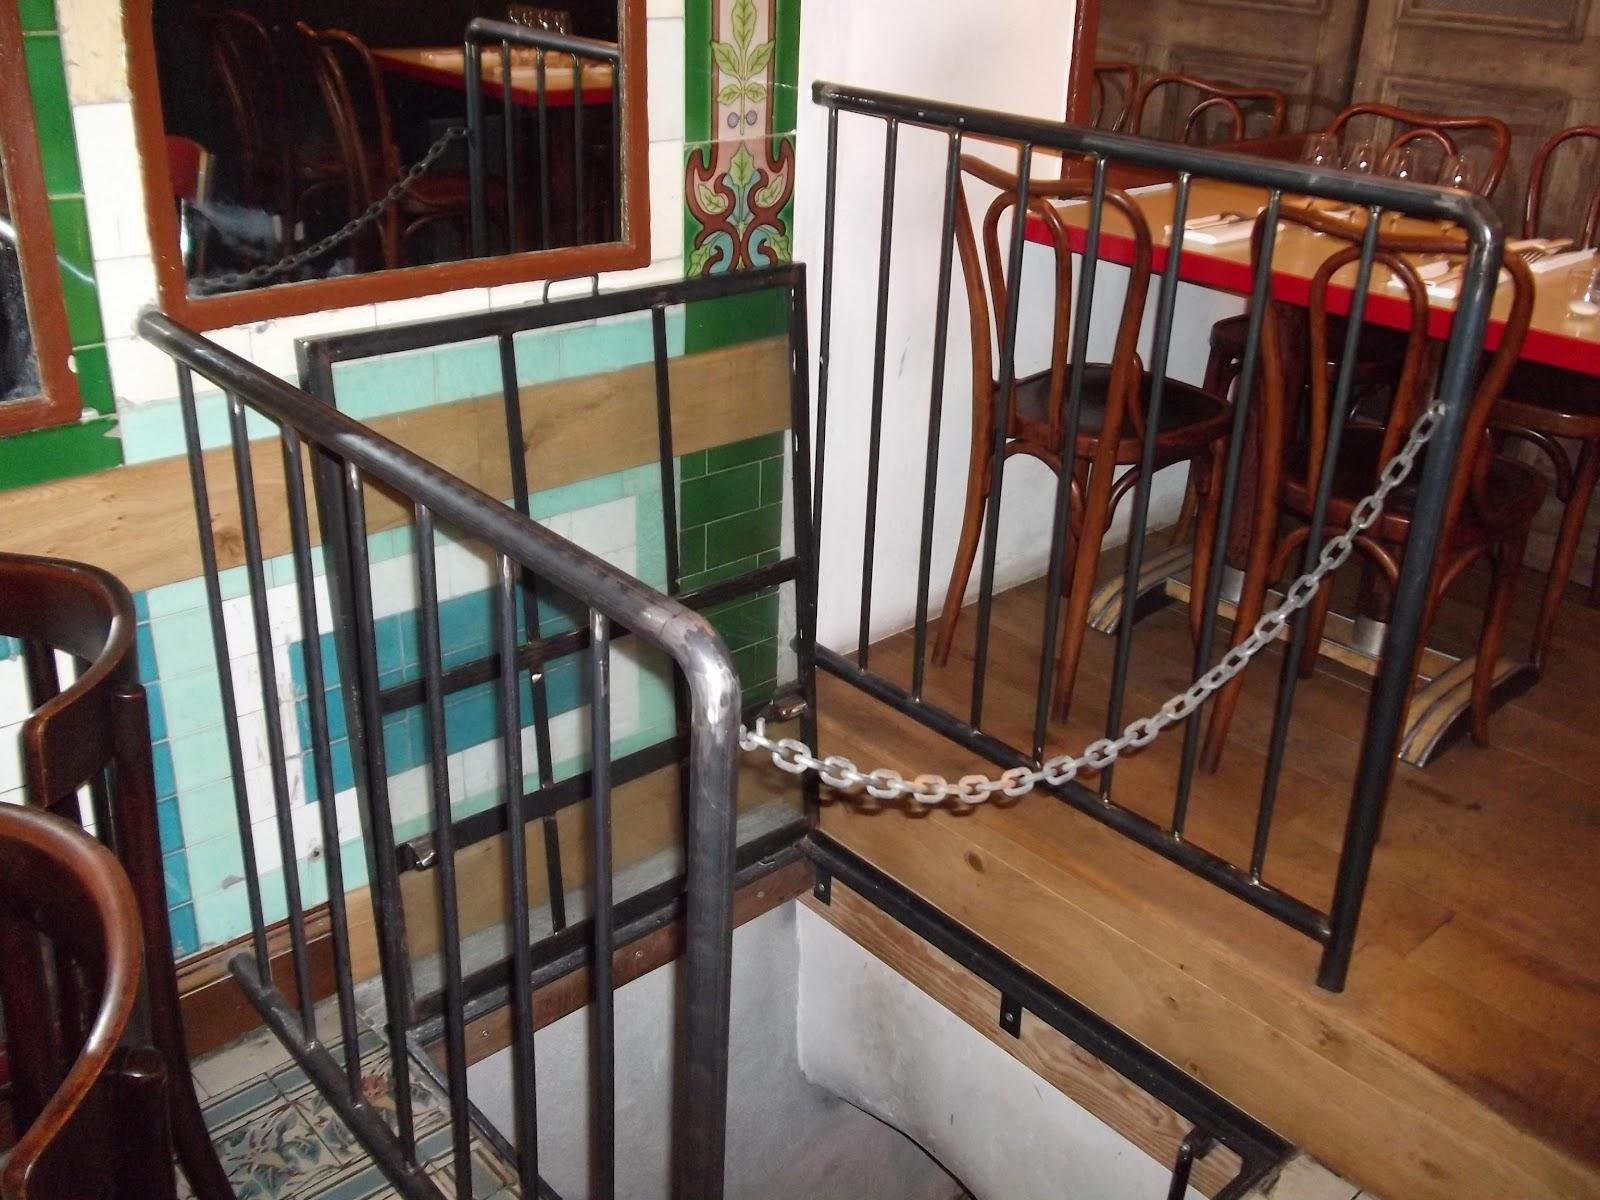 garde fou pour s curiser un escalier paris 18 me ferronnerie le fur. Black Bedroom Furniture Sets. Home Design Ideas